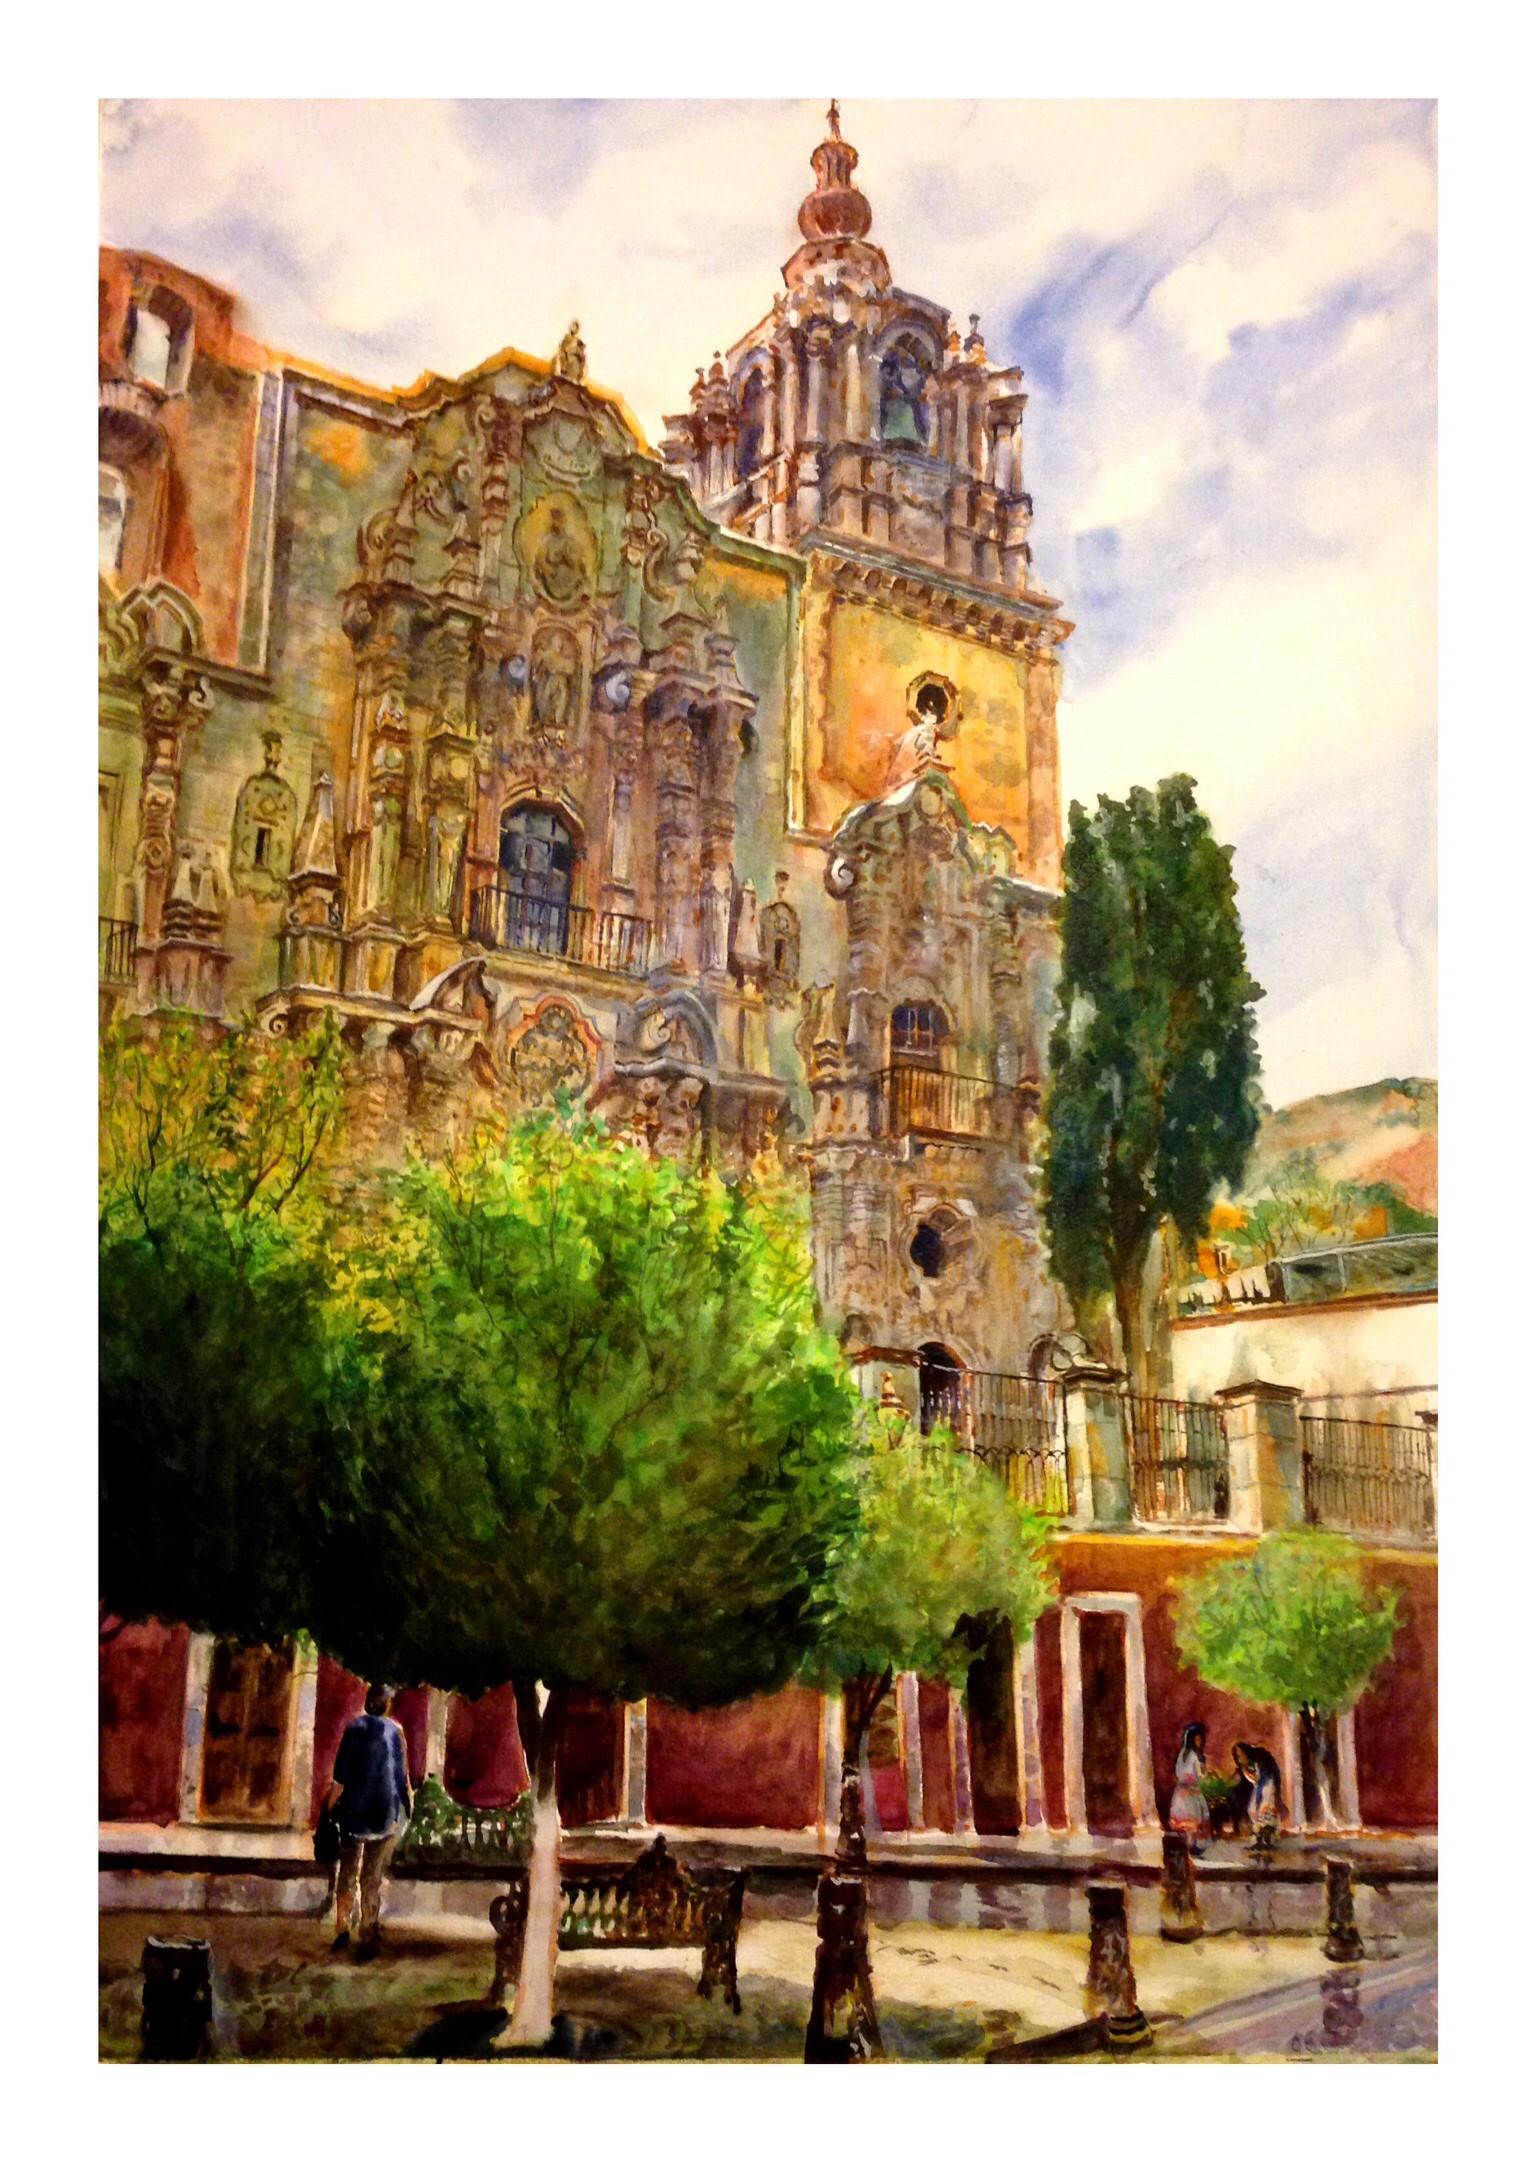 Iglesia de la Compañía en Guanajuato, Gto.